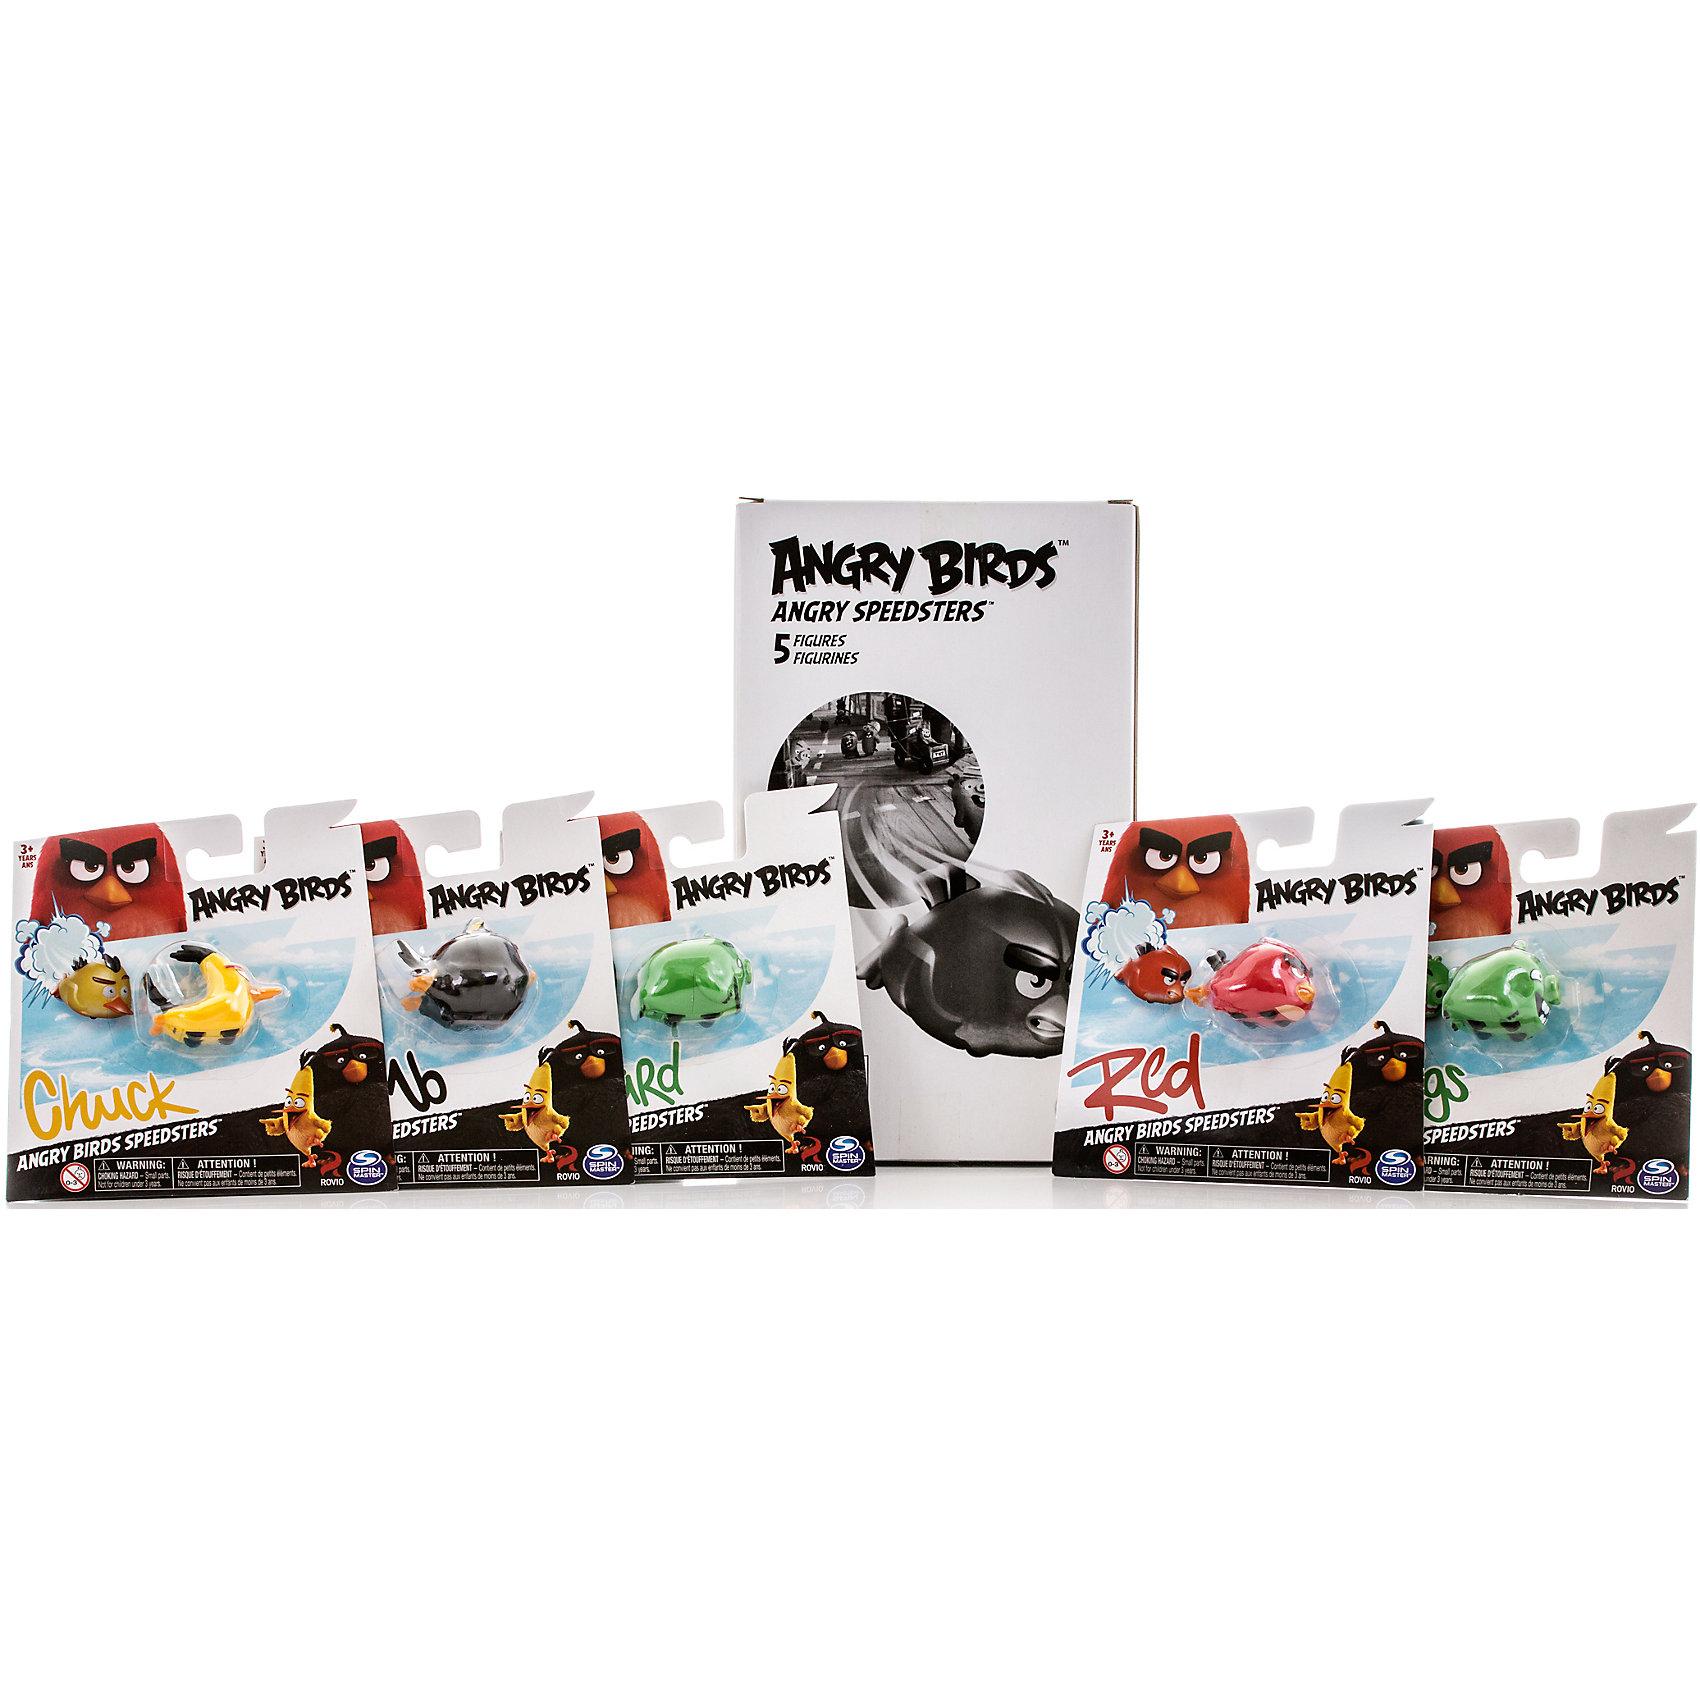 Набор из 5 игрушек на колесах Angry BirdsИгрушки<br>Характеристики игрушки Набор из 5 птичек на колесах:<br><br>- возраст: от 3 лет<br>- герой: Angry Birds<br>- пол: для мальчиков и девочек<br>- комплект: 1 набор.<br>- материал: пластик, металл.<br>- размер упаковки: 17* 22 * 5 см.<br>- упаковка: картонная коробка.<br>- упаковка отдельной игрушки: блистер на картоне.<br>- длина игрушки: 6 см.<br>- страна обладатель бренда: Канада.<br><br>Набор из 5 игрушек на колесах Angry Birds предназначен для маленьких любителей игры про сердитых птичек. В наборе собраны 5 разных персонажей Энгри Бердс с каждой противоборствующей стороны, то есть птичек и свинок.<br><br>Внешний вид игрушки точно передает образ своего виртуального персонажа. Для более интересной игры, внизу сделаны колесики. Благодаря им можно разыгрывать сценки из мультика и бомбить соперника. Машинка сделана из ударопрочного пластика, который с легкостью выдержит столкновение.<br><br>Игрушку Набор из 5 птичек на колесах можно купить в нашем интернет-магазине.<br><br>Ширина мм: 160<br>Глубина мм: 270<br>Высота мм: 100<br>Вес г: 325<br>Возраст от месяцев: 36<br>Возраст до месяцев: 192<br>Пол: Унисекс<br>Возраст: Детский<br>SKU: 4663717